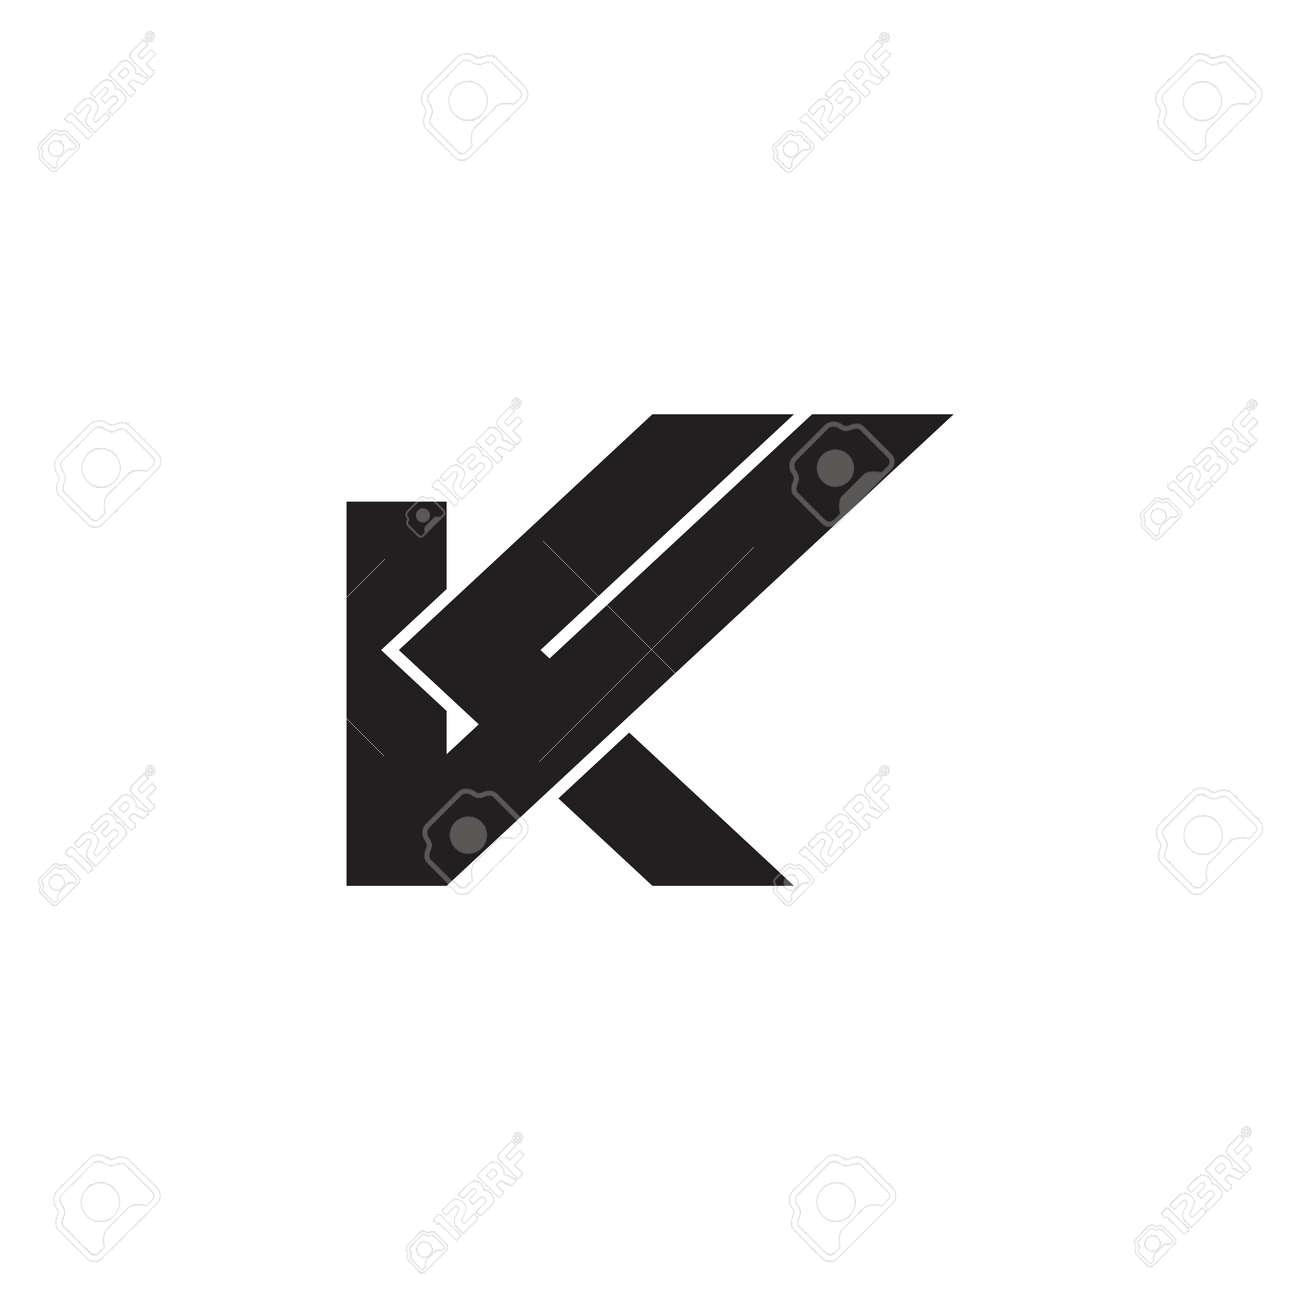 letter k check mark geometric logo vector - 149054259